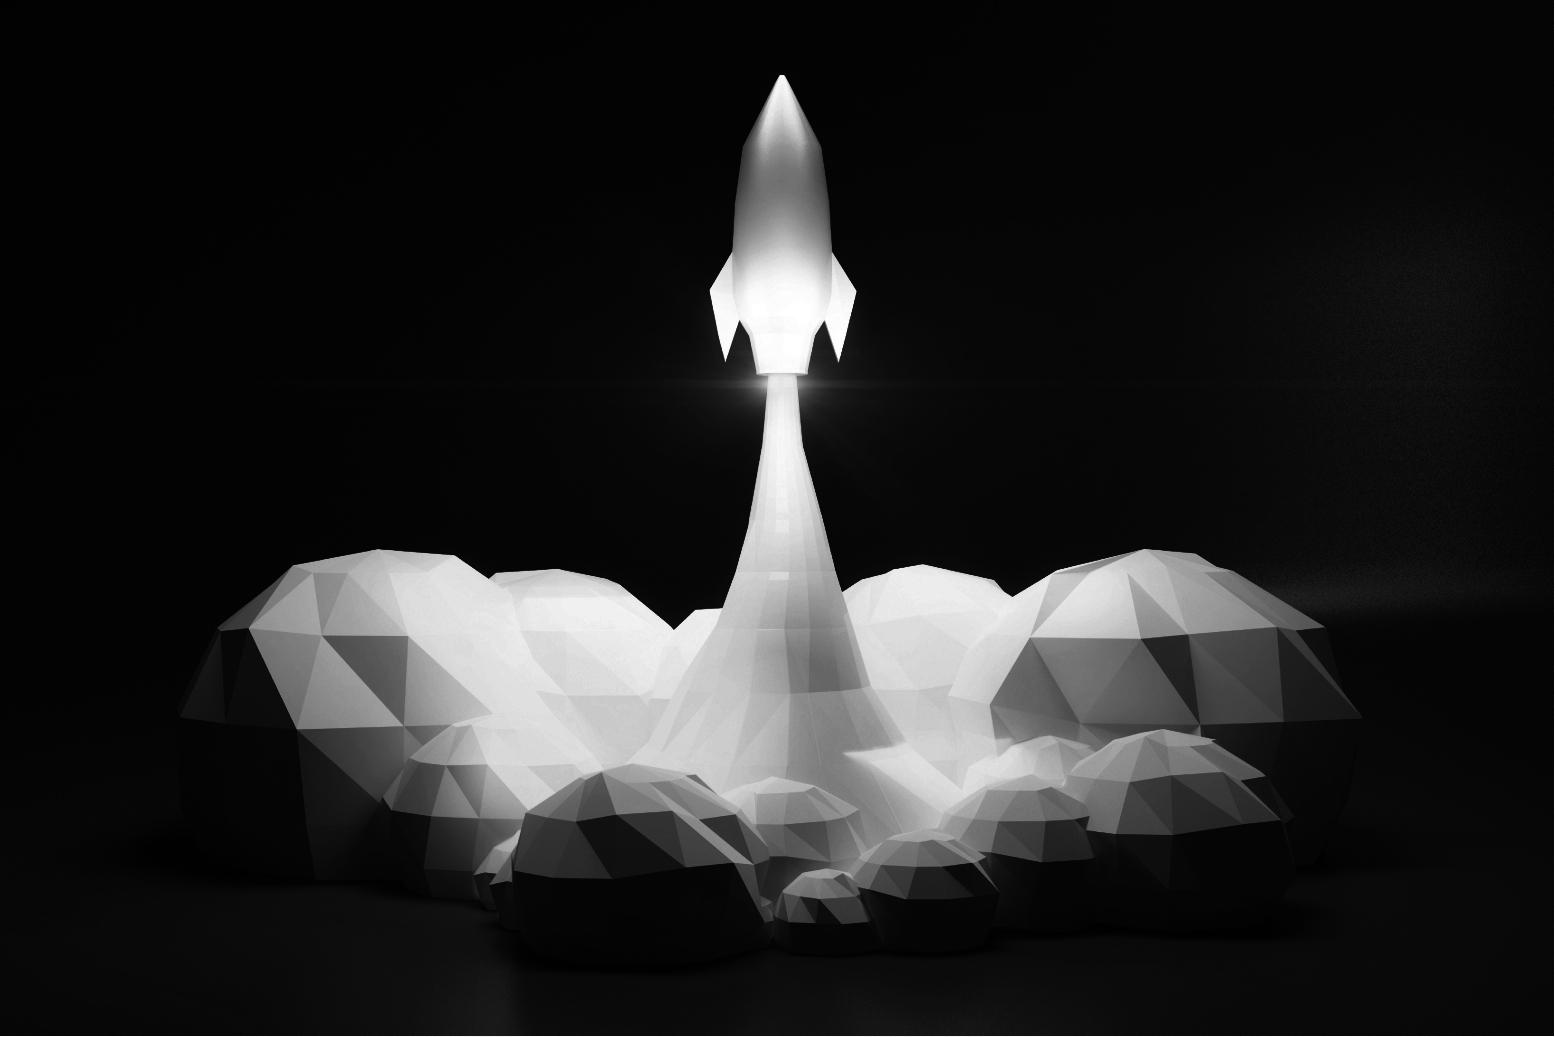 web-design-launch-jackson-ms-travis-bogue